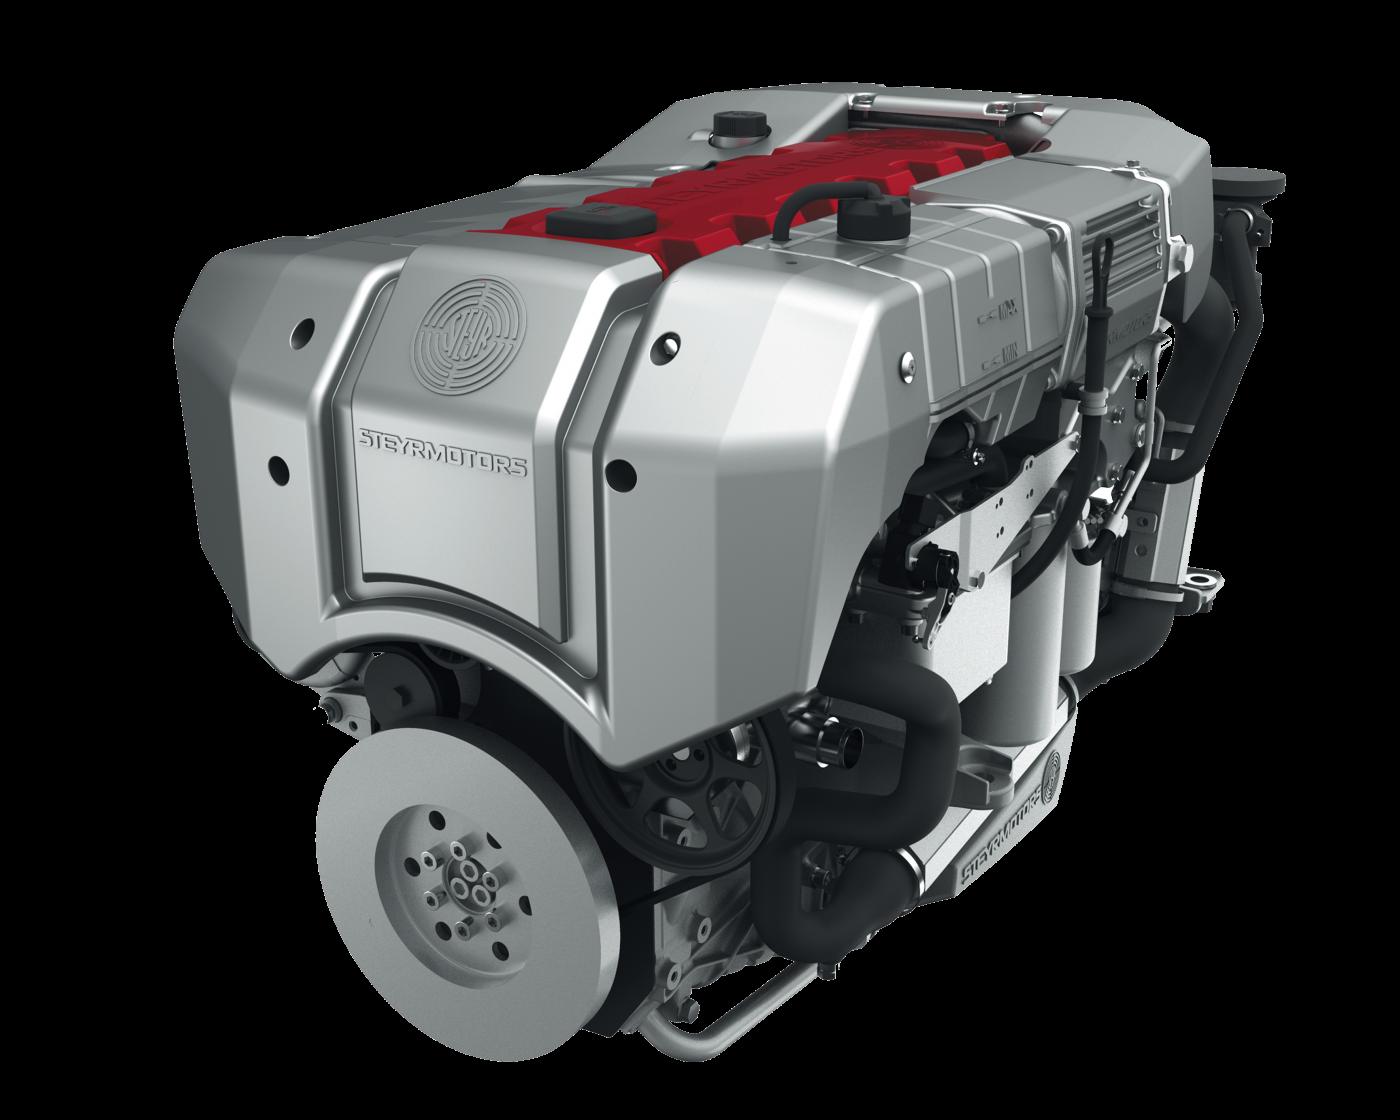 STEYR MOTORS Diesel Motor, Padmos Marine & Industrial Diesel, Padmos, Scheepsvaart, Motoren, Diesel, Stage V, Padmos